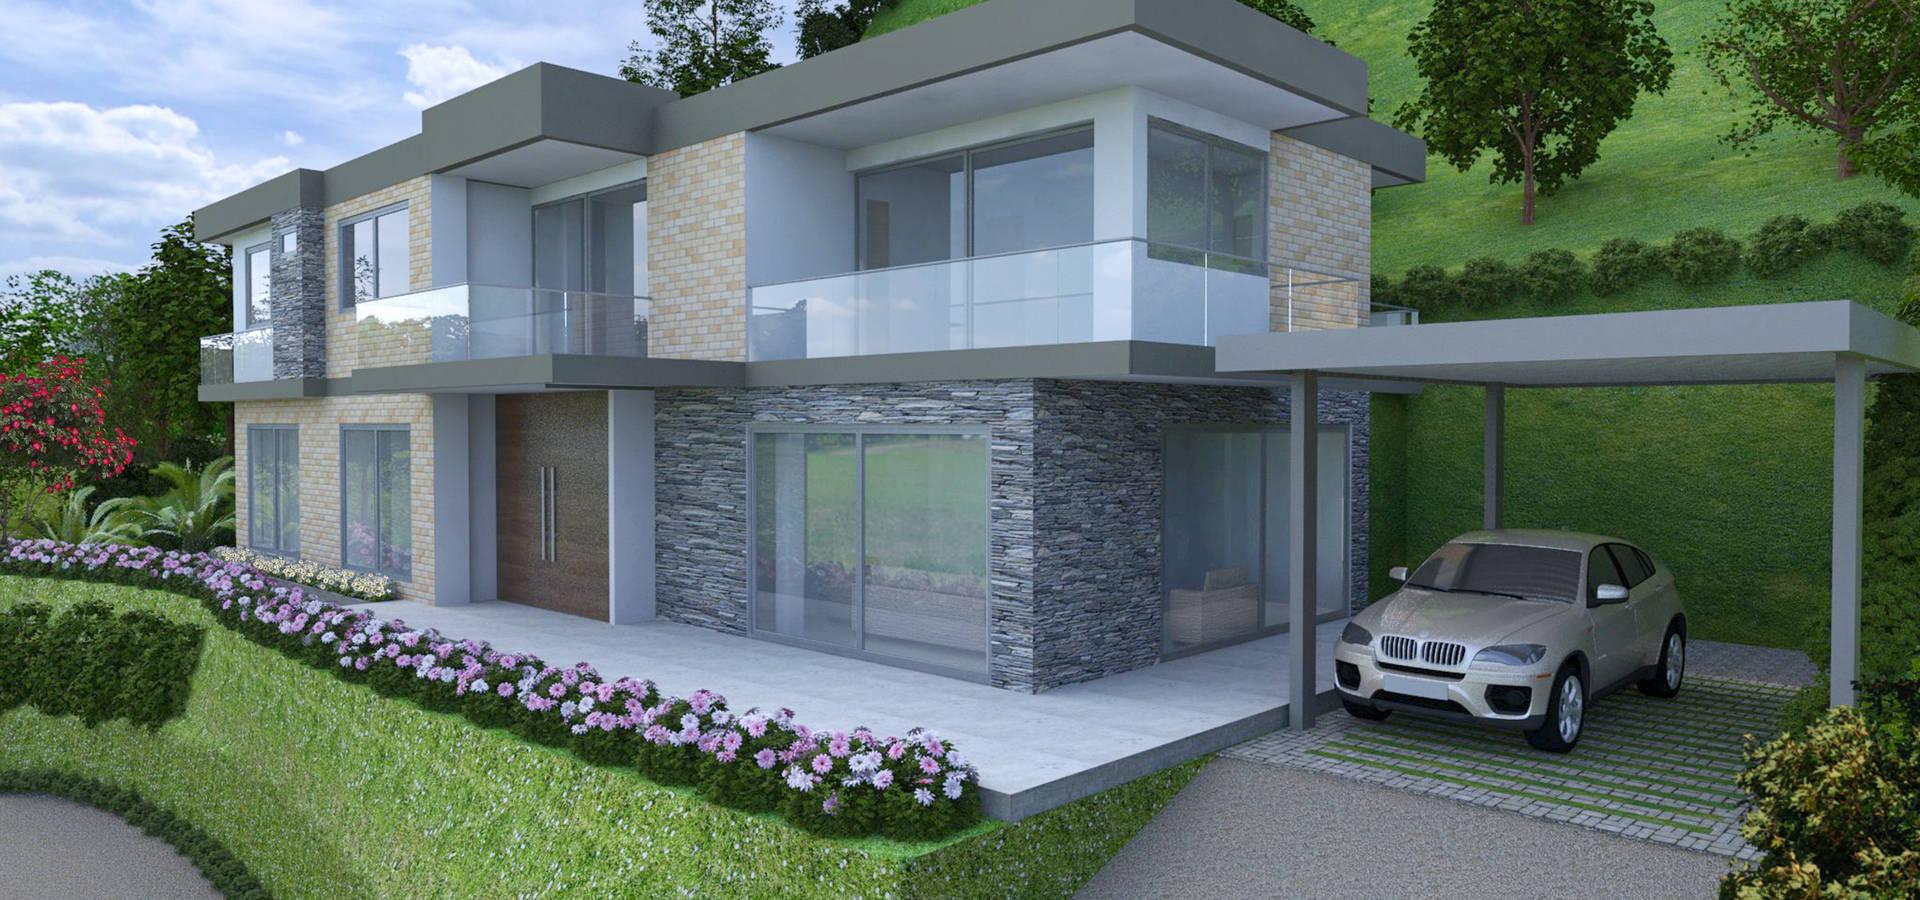 Alejo Gallego /Diseño de espacios y visualización 3D